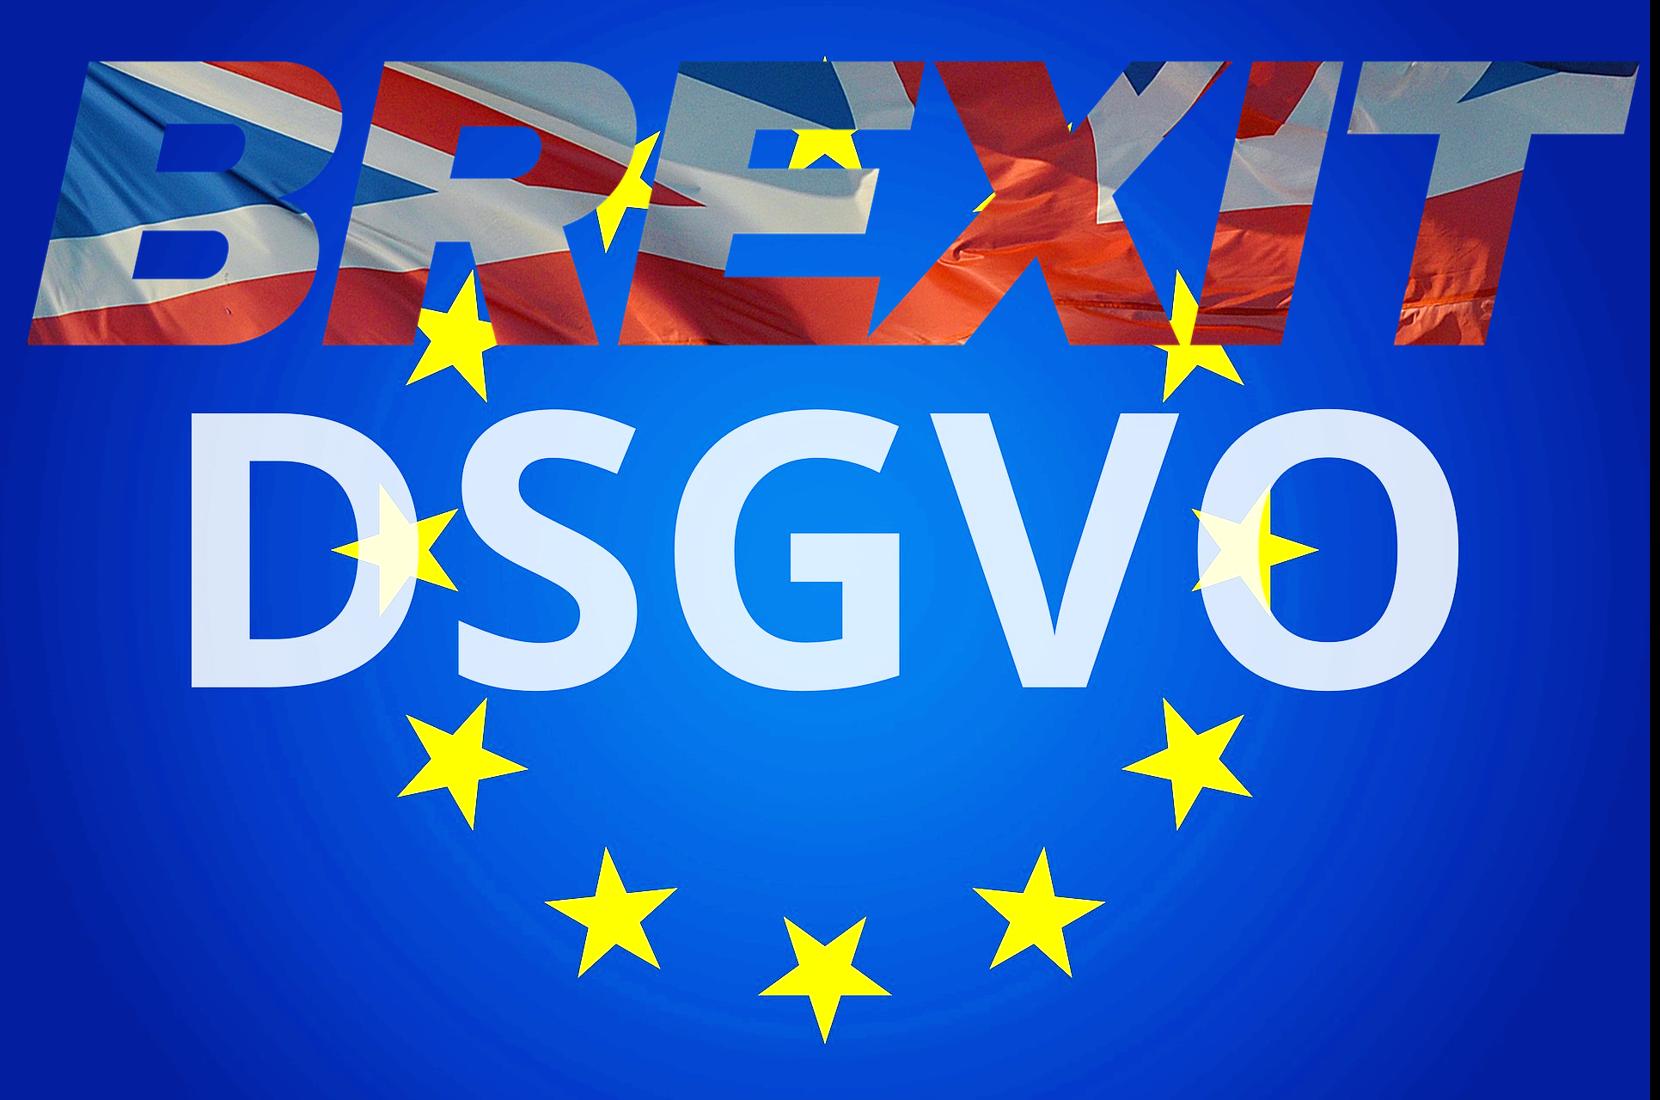 Brexit DSGOV